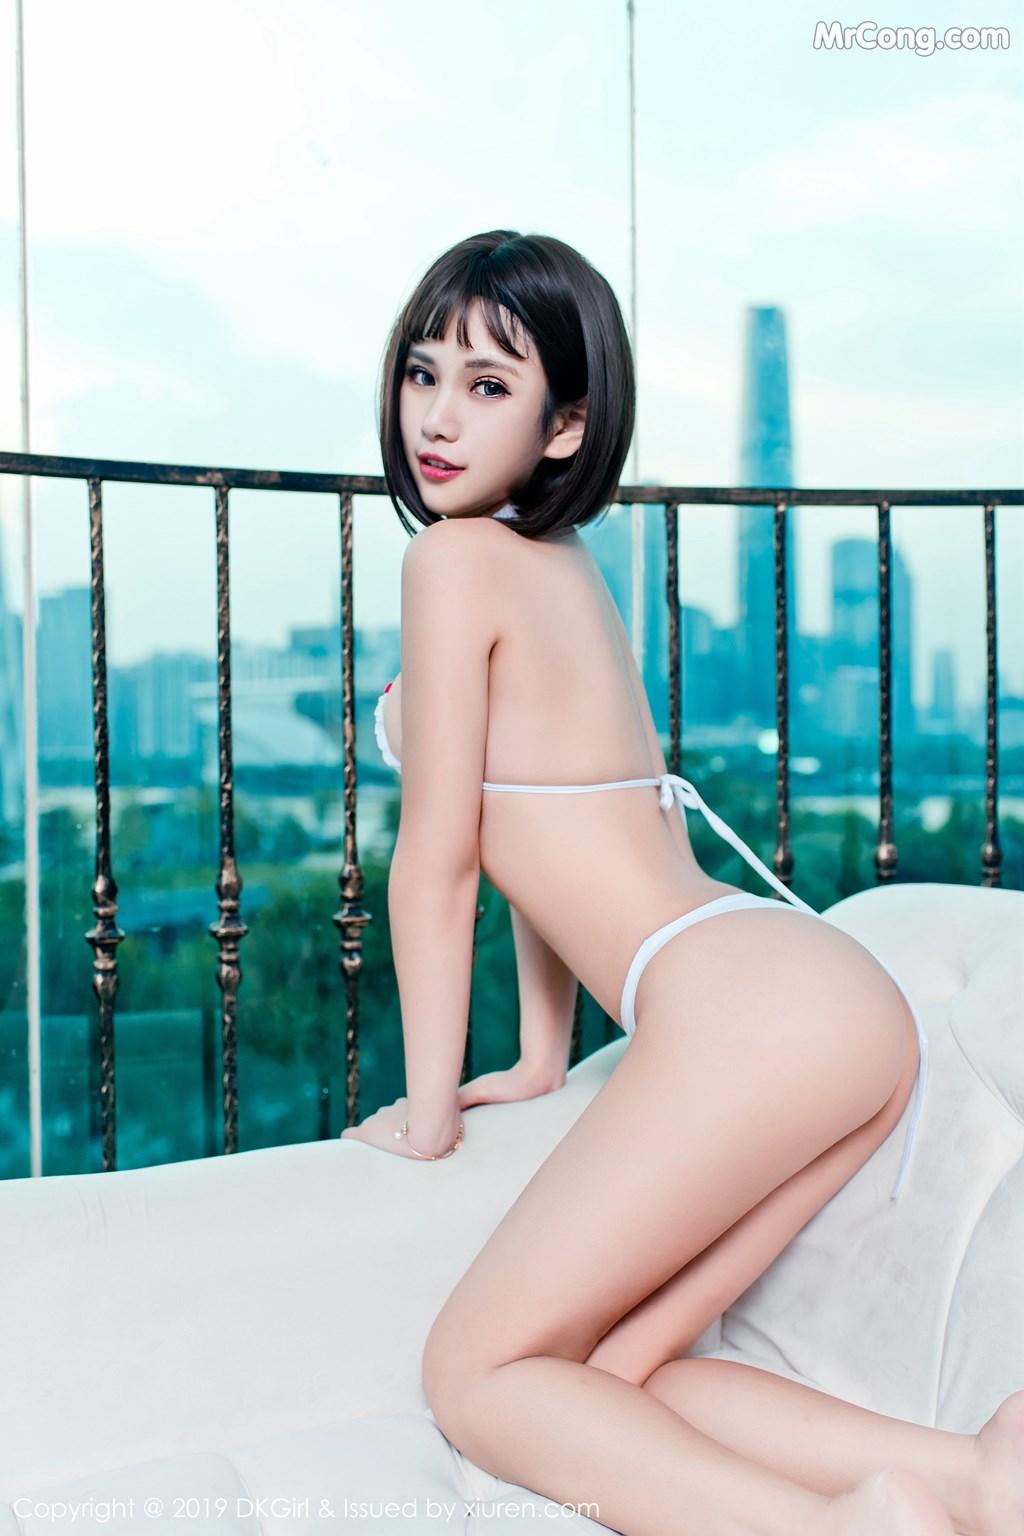 Image DKGirl-Vol.100-Meng-Bao-Er-BoA-MrCong.com-001 in post DKGirl Vol.100: Meng Bao Er (萌宝儿BoA) (51 ảnh)